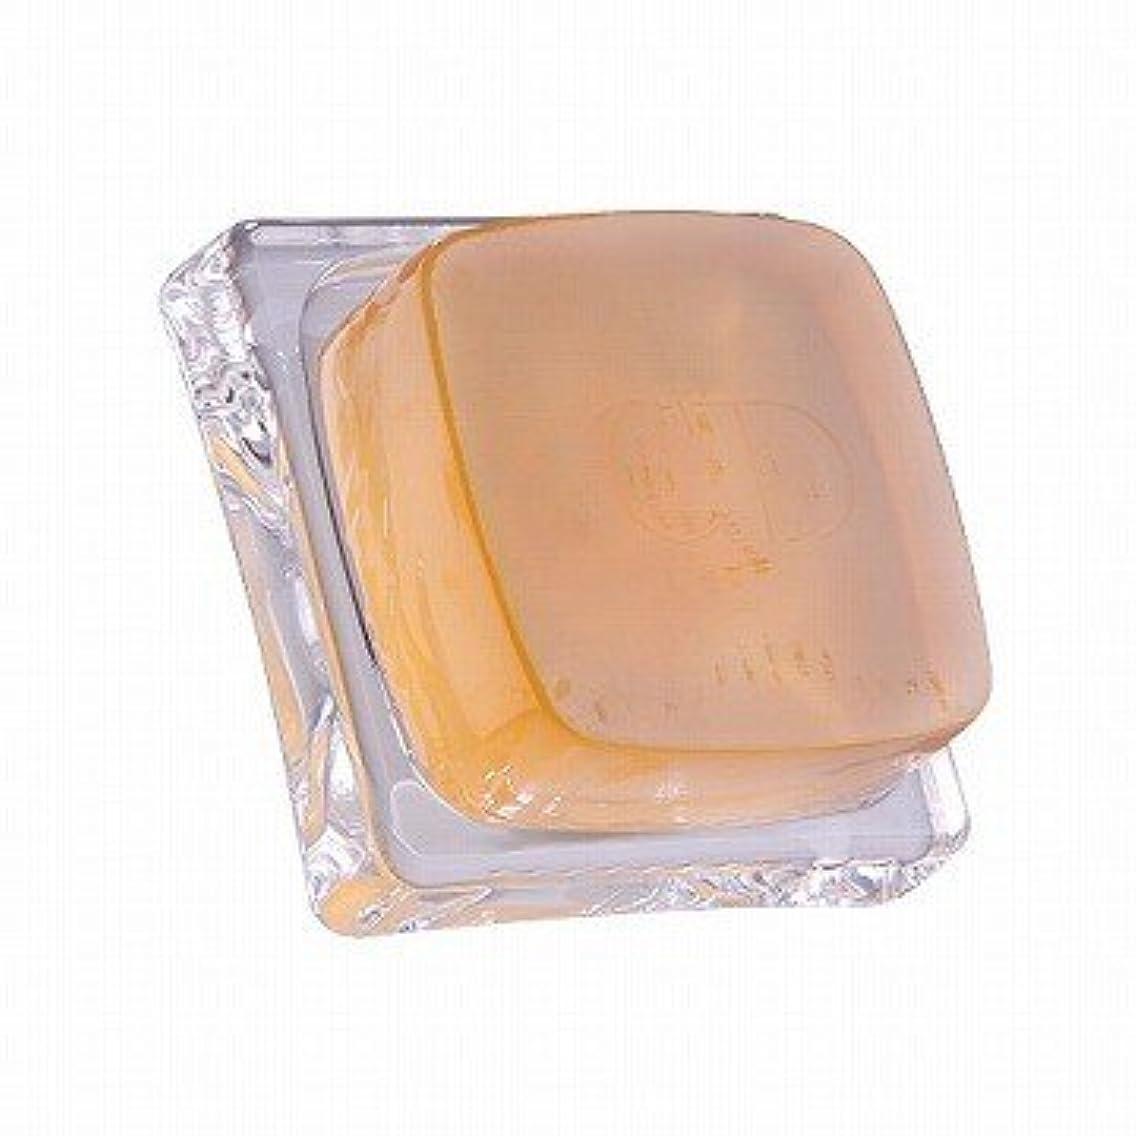 割り当てます立方体軽蔑するクリスチャンディオール プレステージルサヴォン 110g[199711] [並行輸入品]